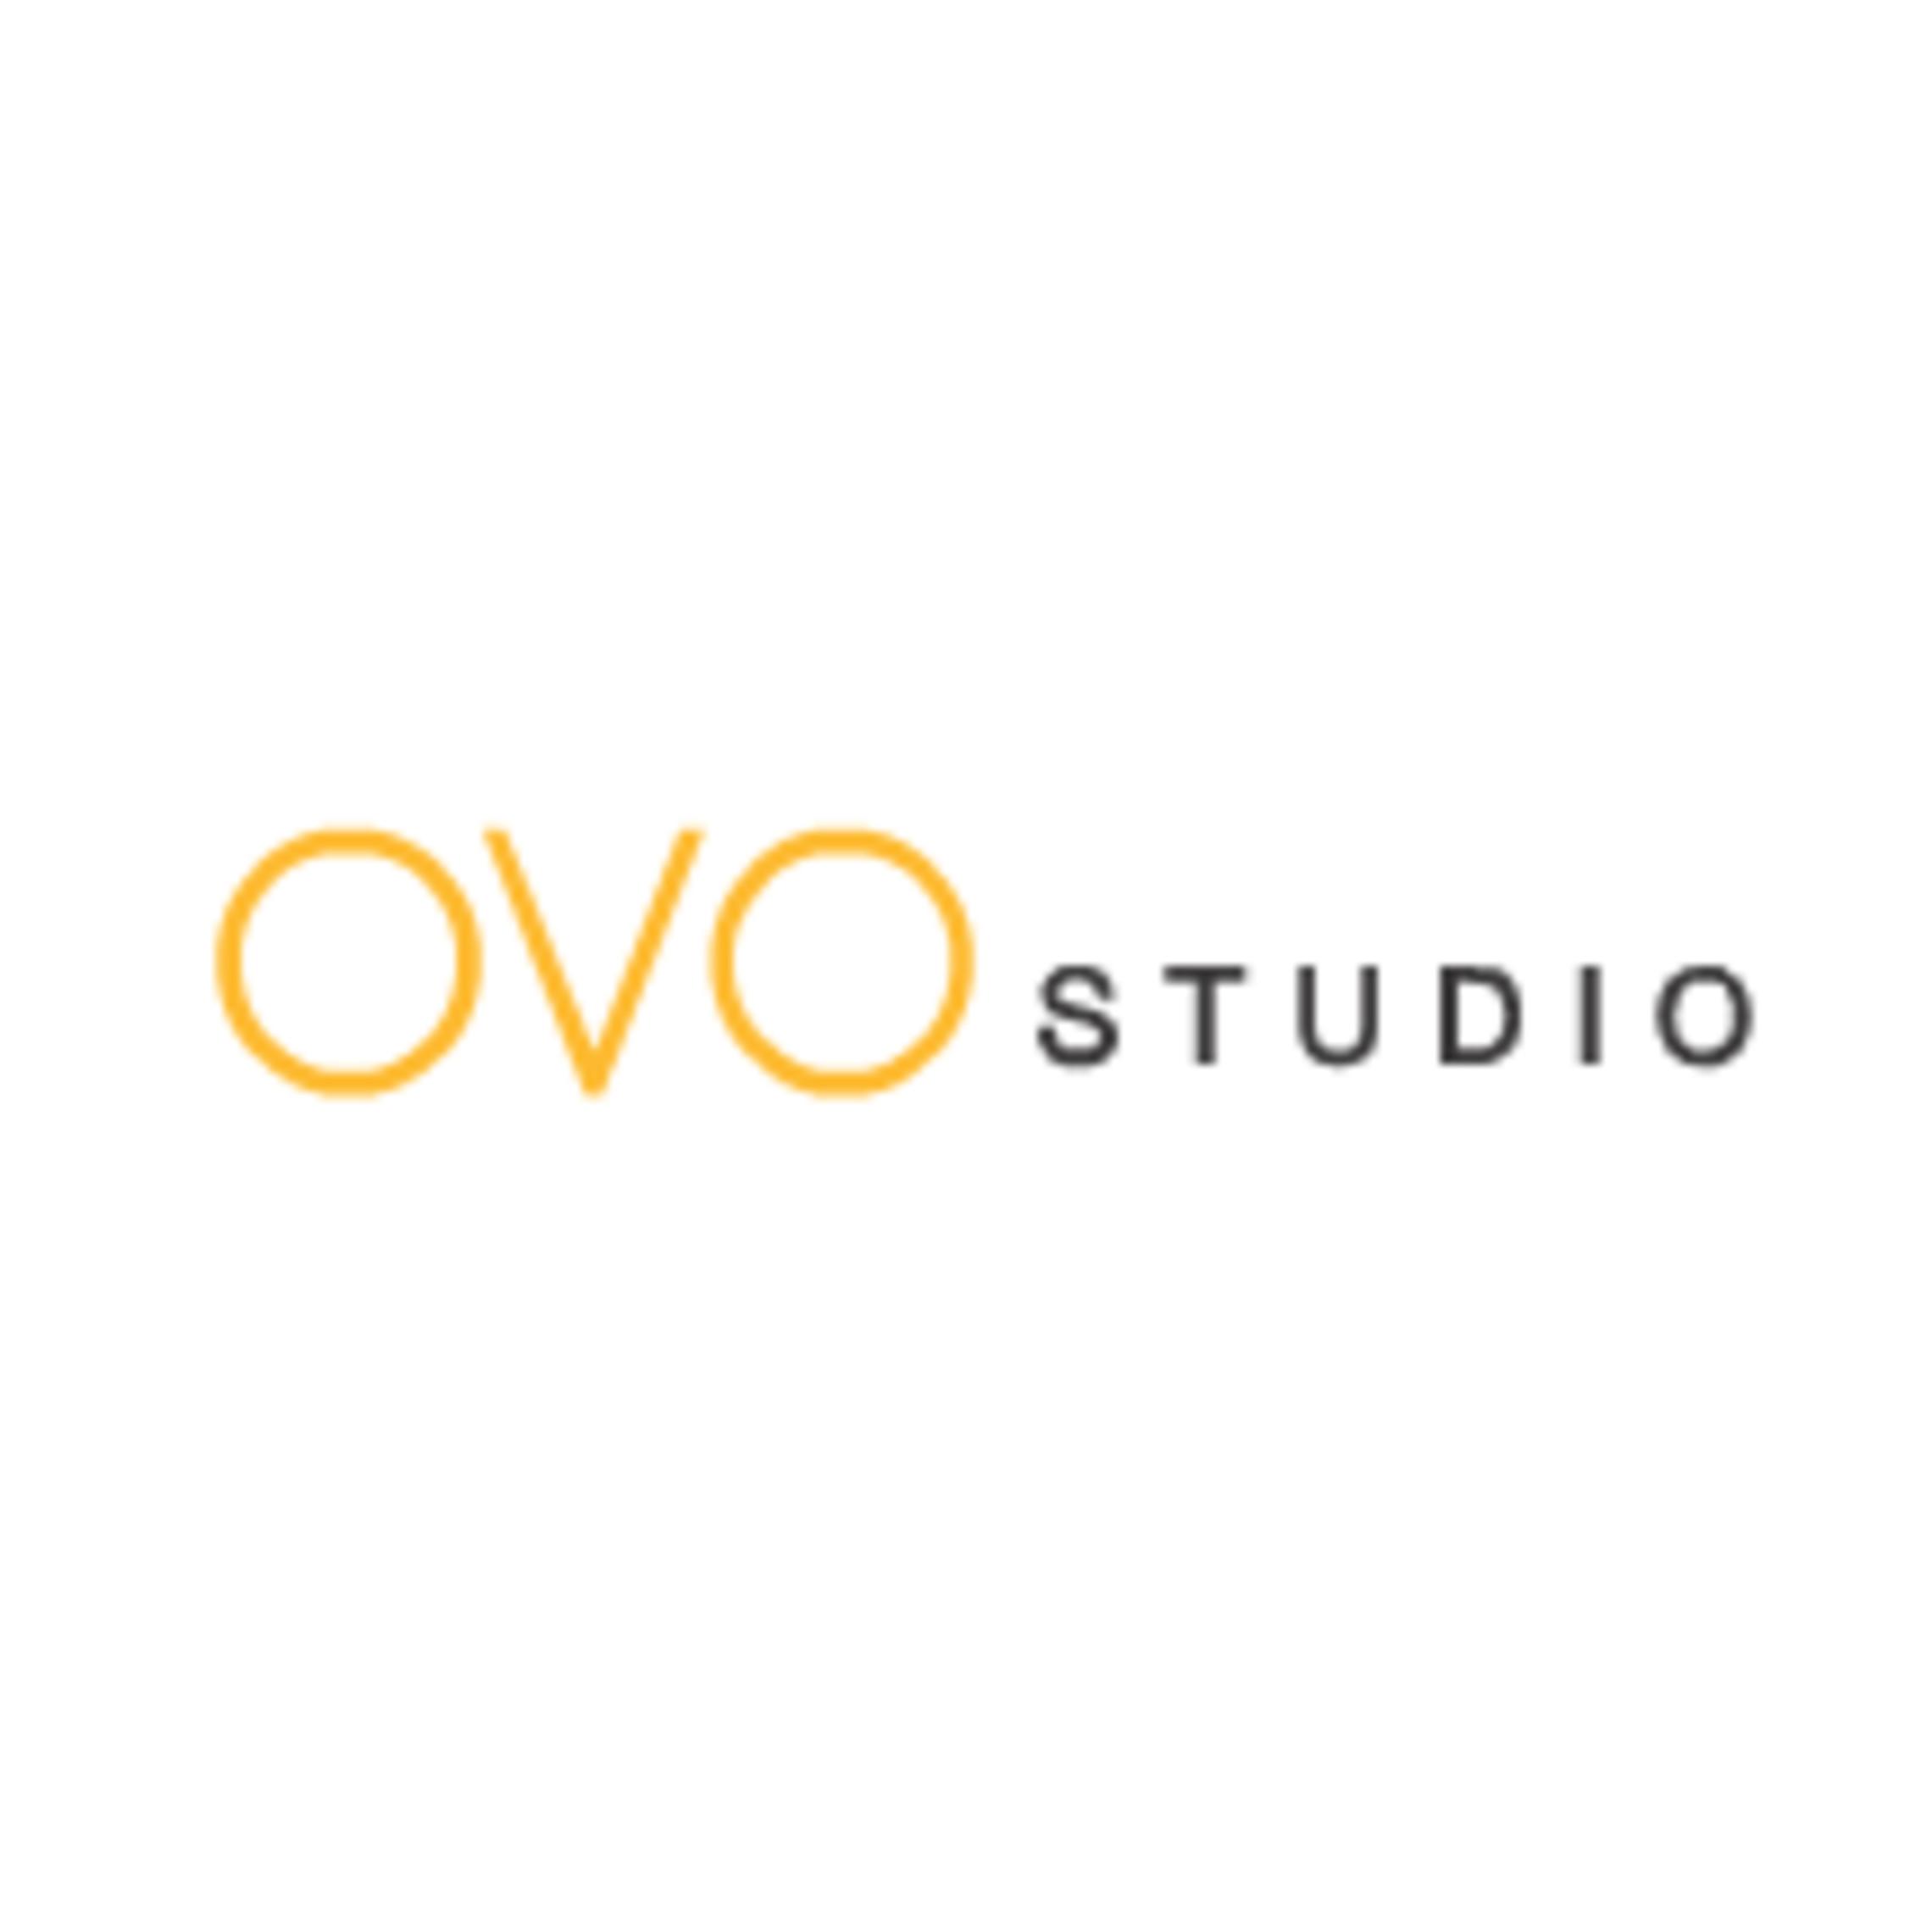 ovo studio- company logo